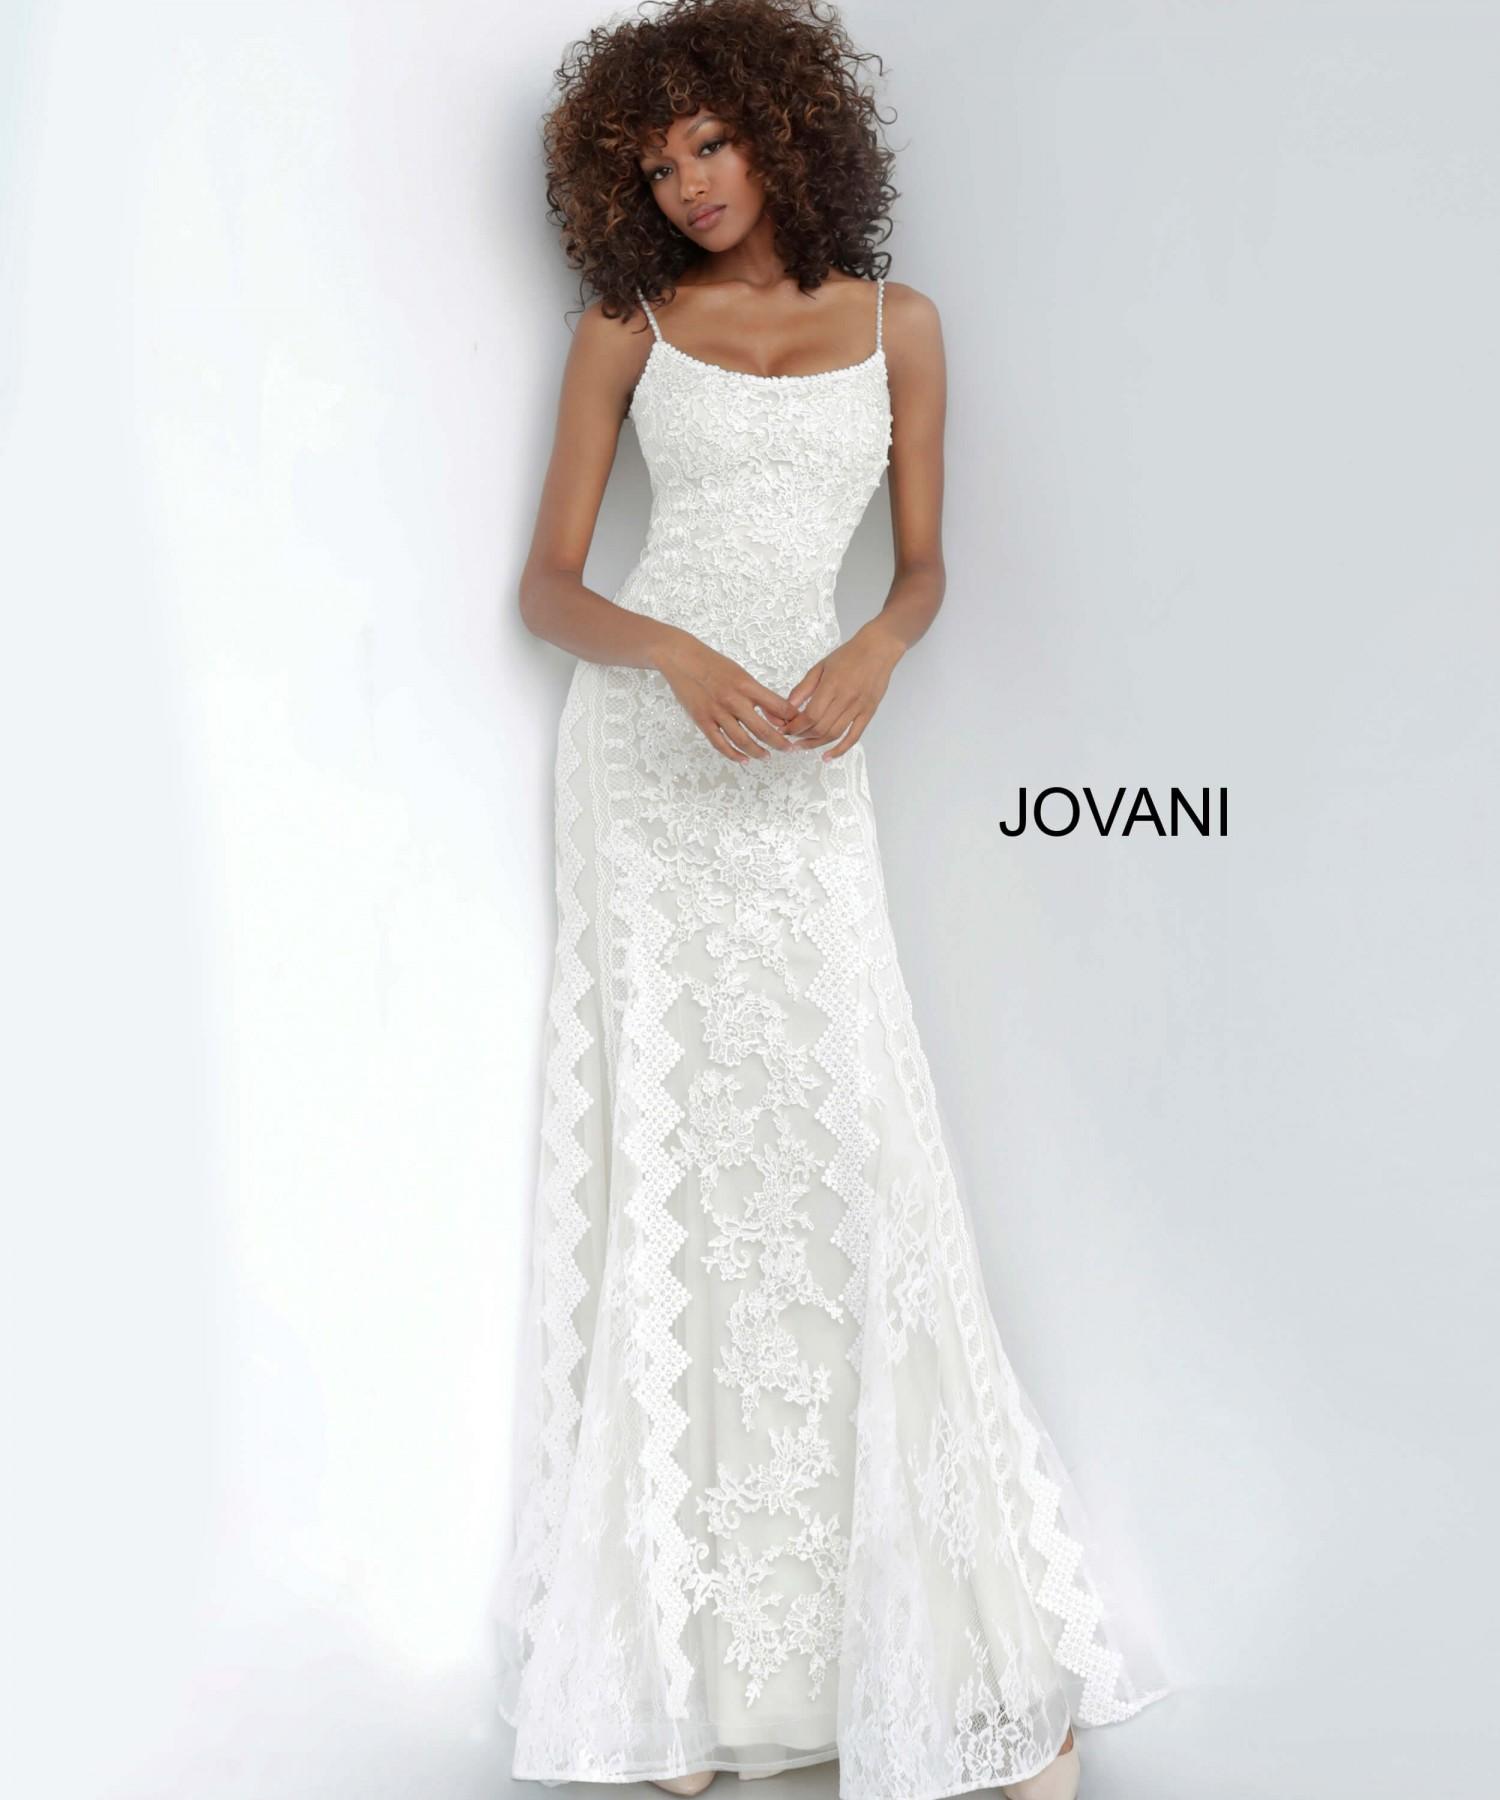 Jovani 00862 Lace Dress